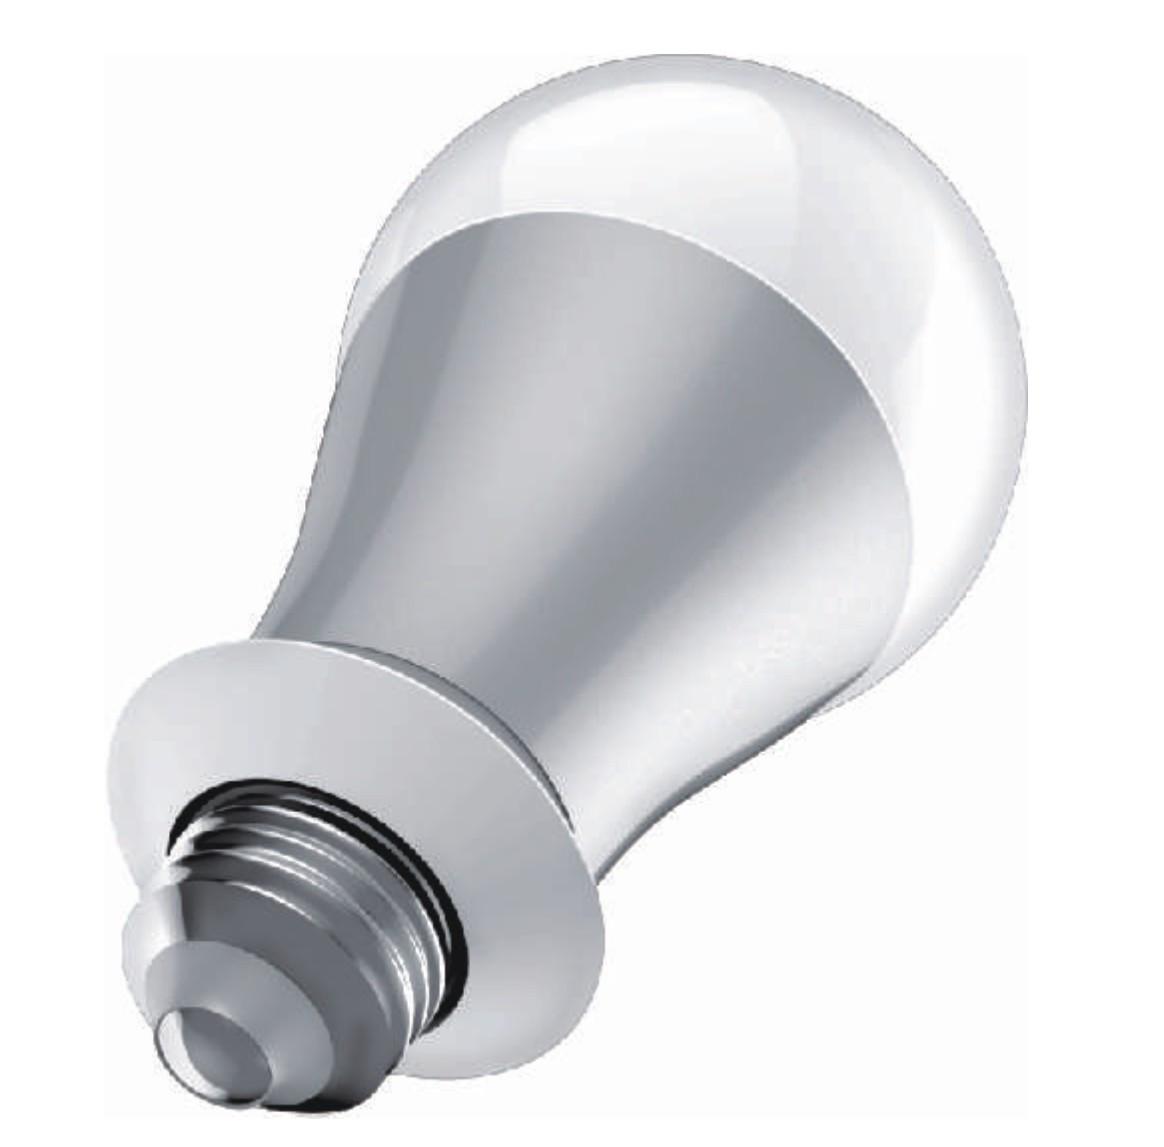 Светодиодная диммируемая лампа для птицефабрик и птичников 7W Е27 3000K